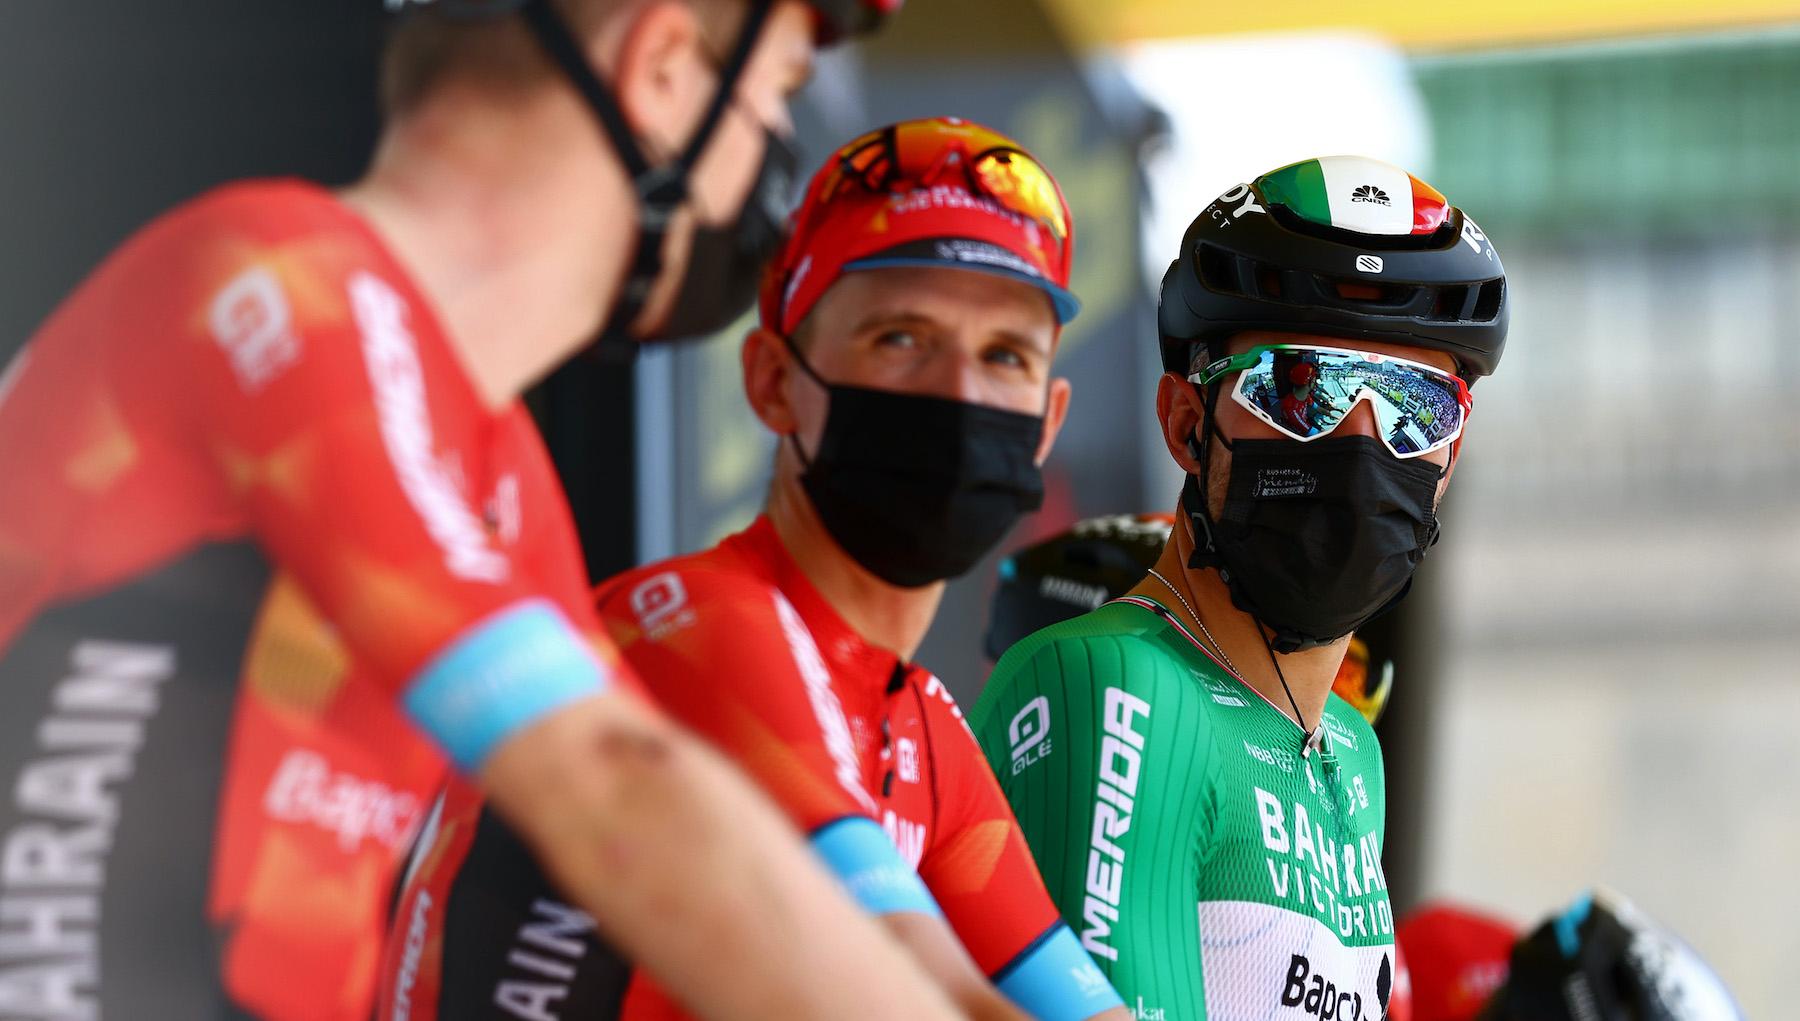 Bahrain Victorious at the 2021 Tour de France